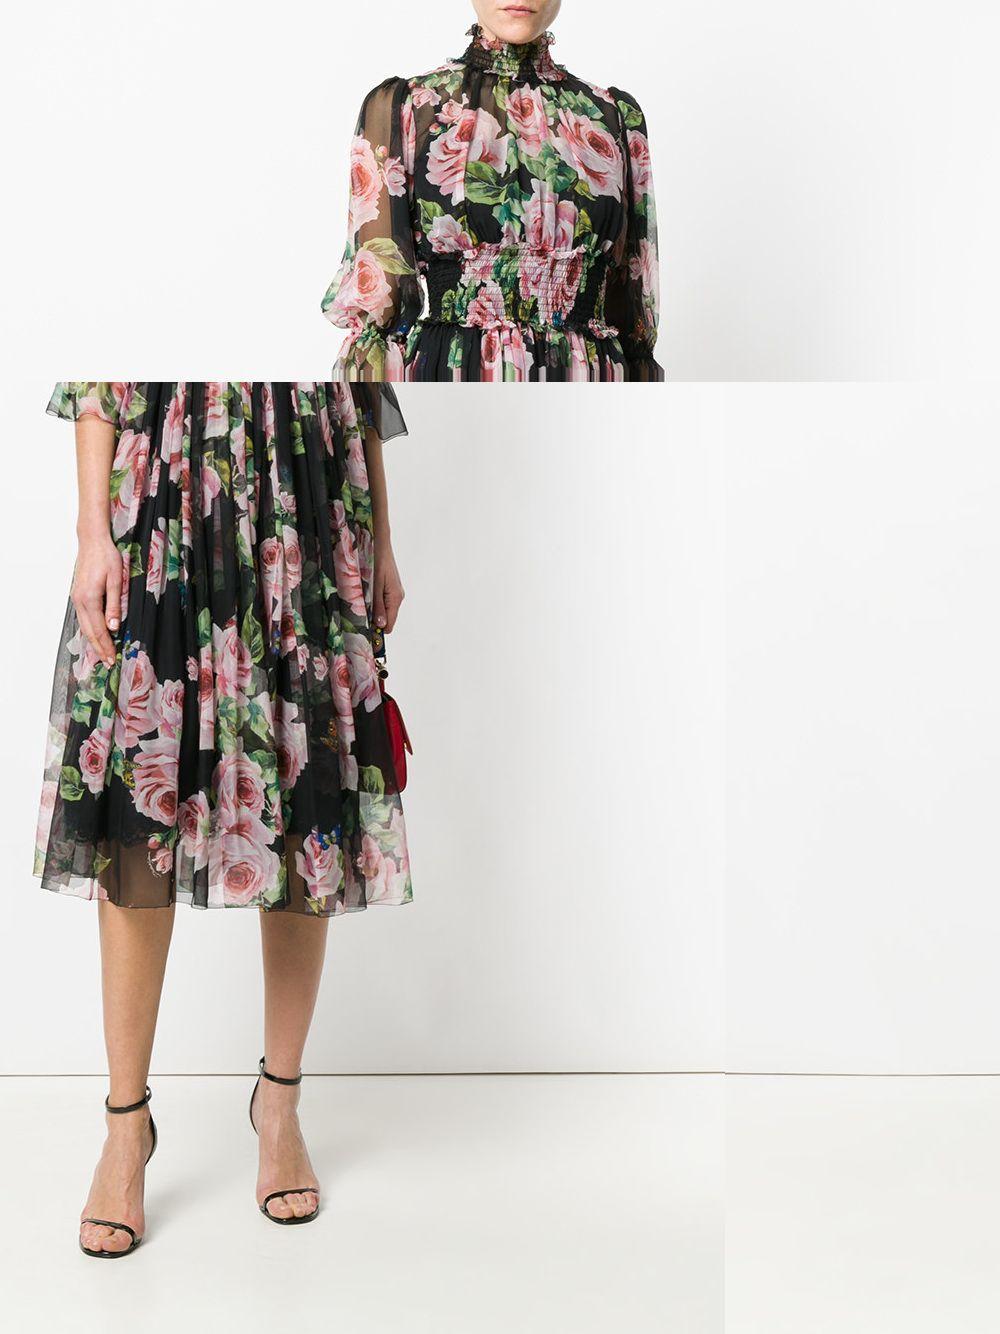 Dolce'n'Gabbana rose dress. My dear love!